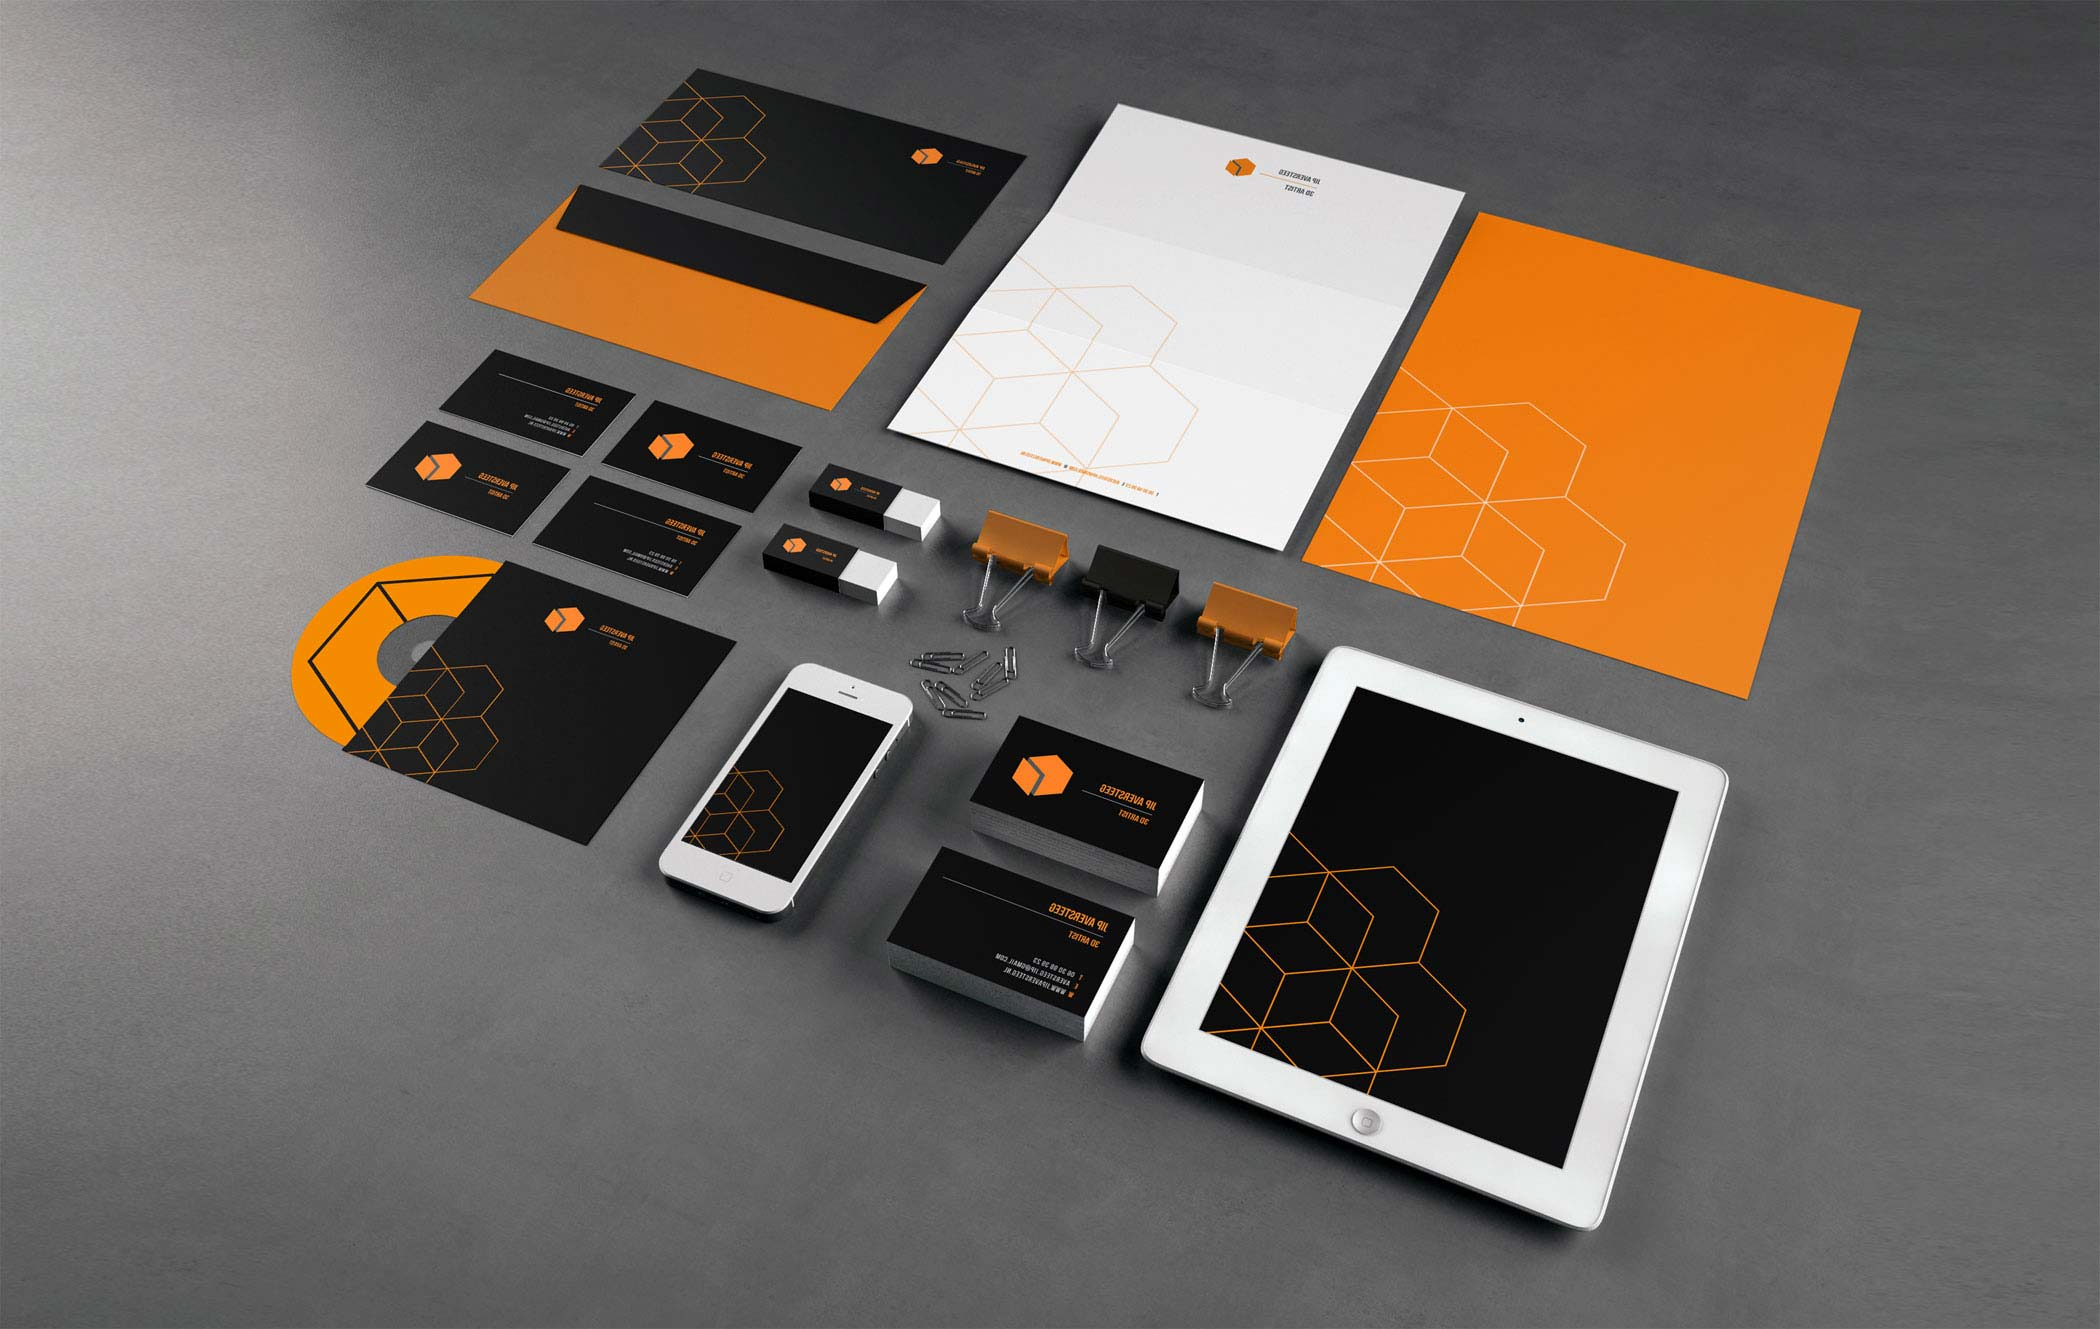 diseño-grafico-en-asturias-imagen-corporativa-flyers-carteles